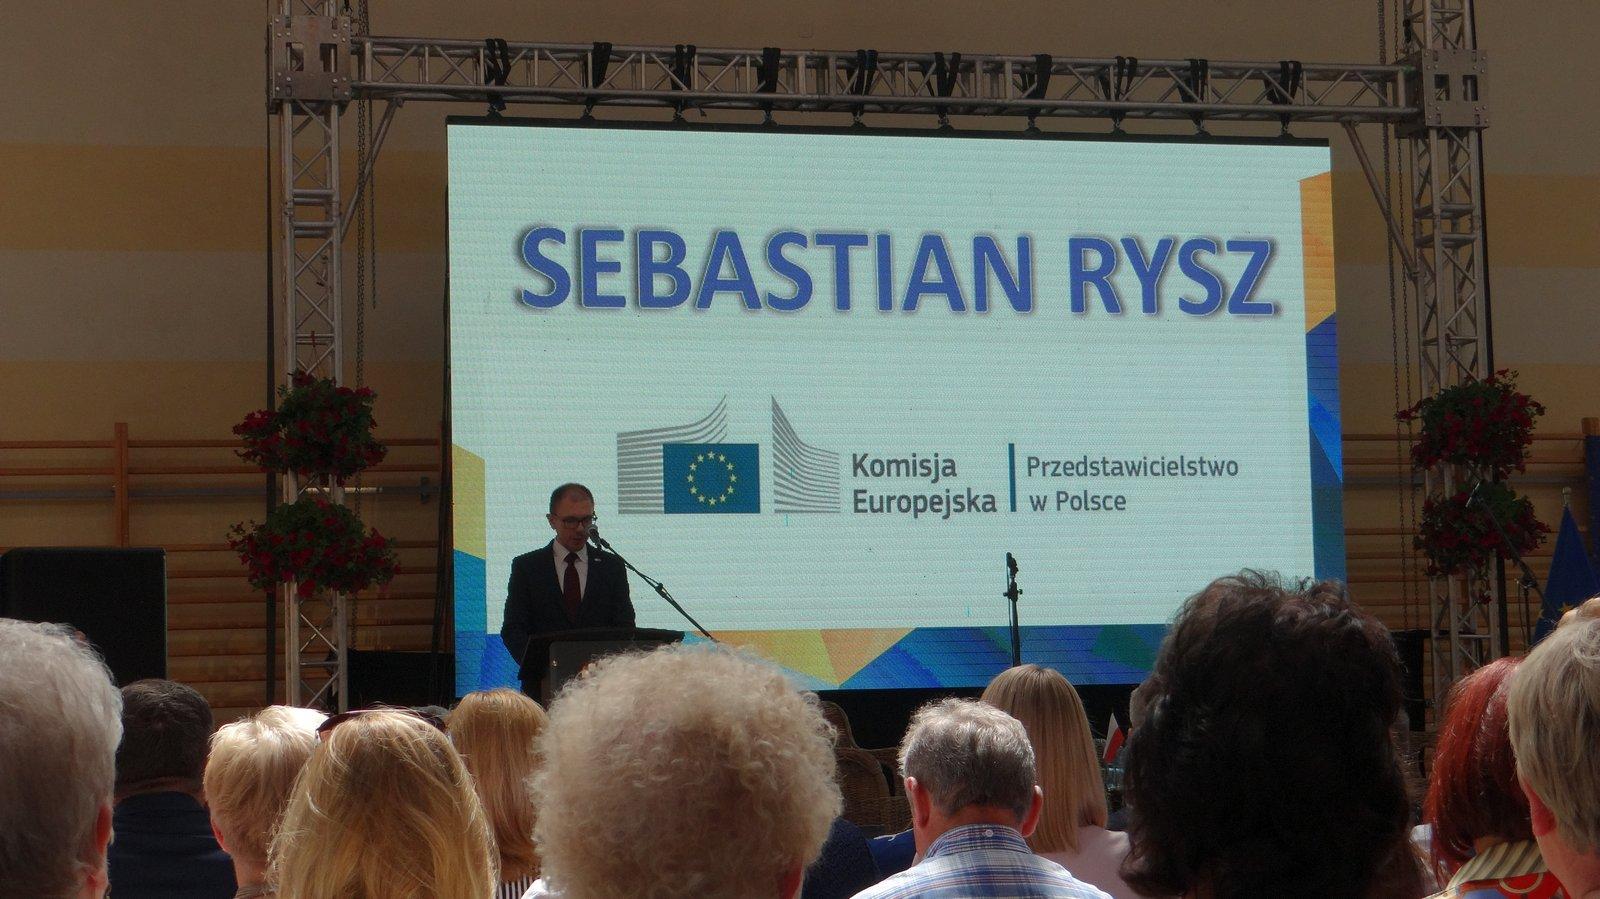 dsc09446 - Wielkopolska zaradność i pracowitość doceniona na Forum Wielkopolskiej Wsi Europejskiej